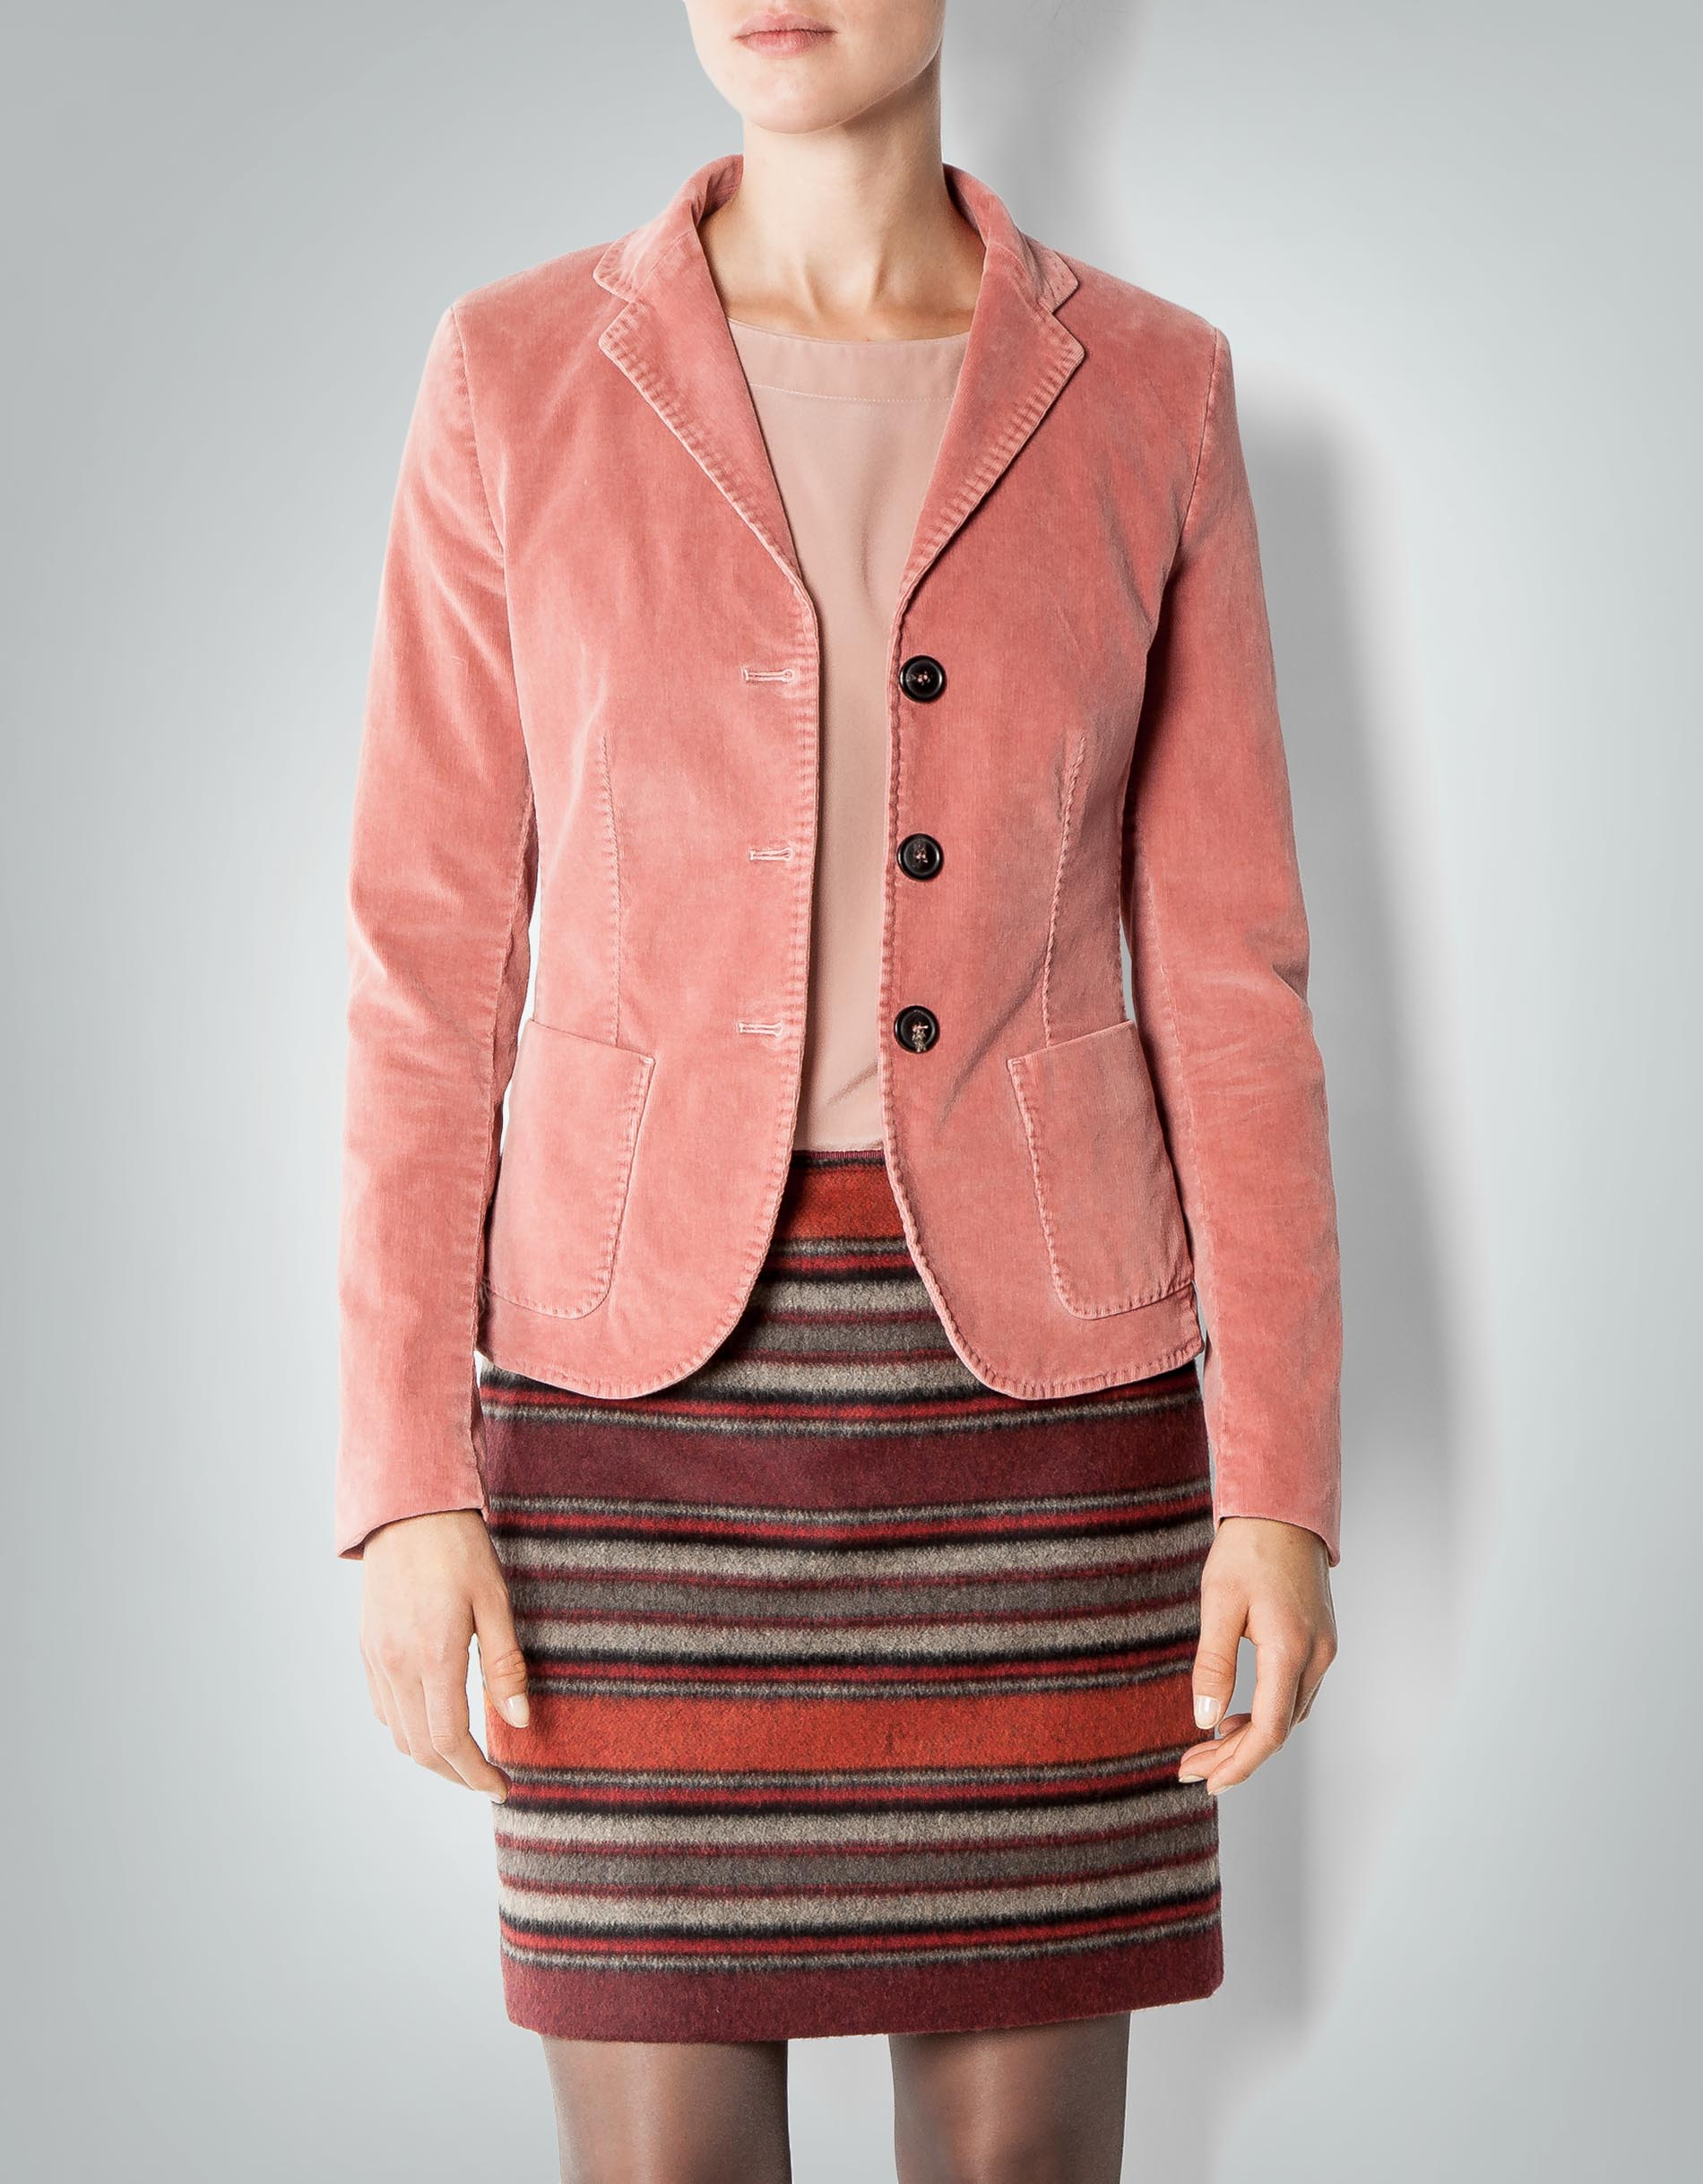 joop damen blazer aus cord empfohlen von deinen schwestern. Black Bedroom Furniture Sets. Home Design Ideas